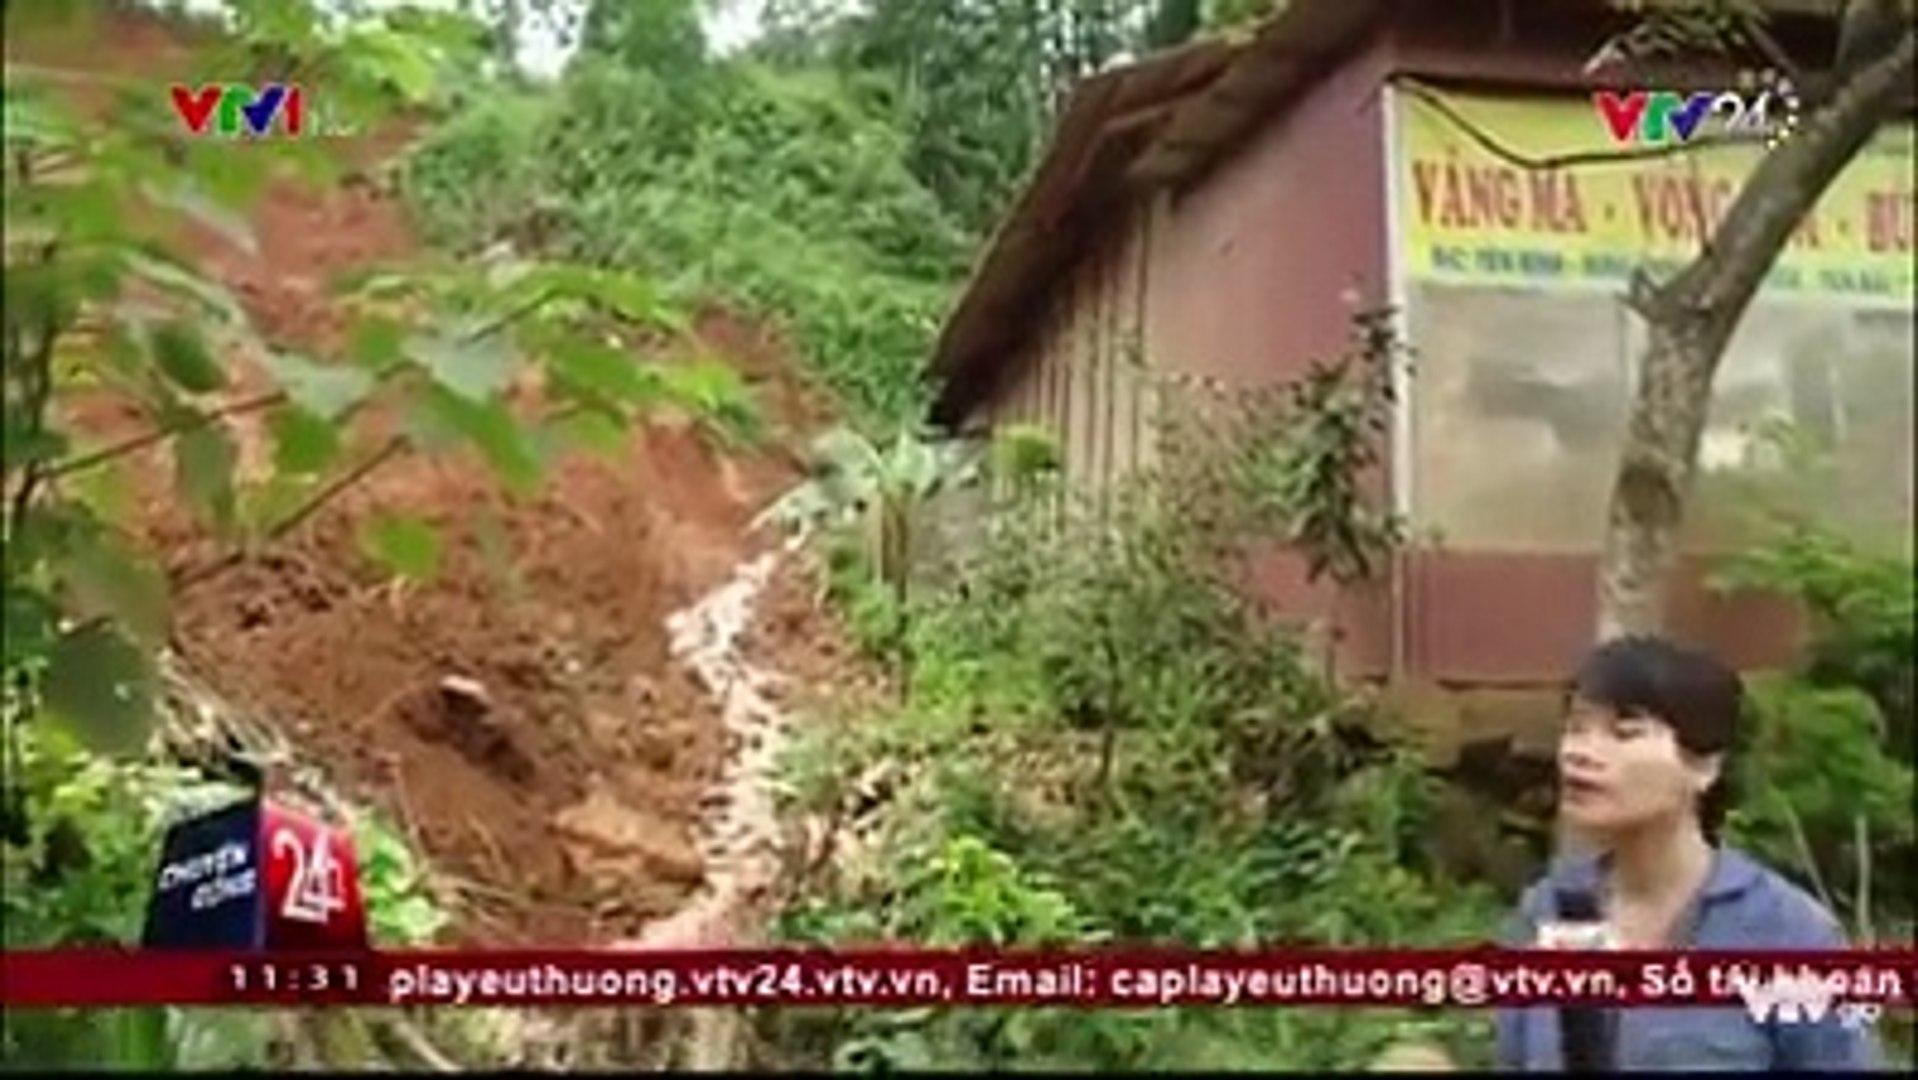 Yên Bái: Hàng trăm điểm sạt lở nghiêm trọng do mưa lũ